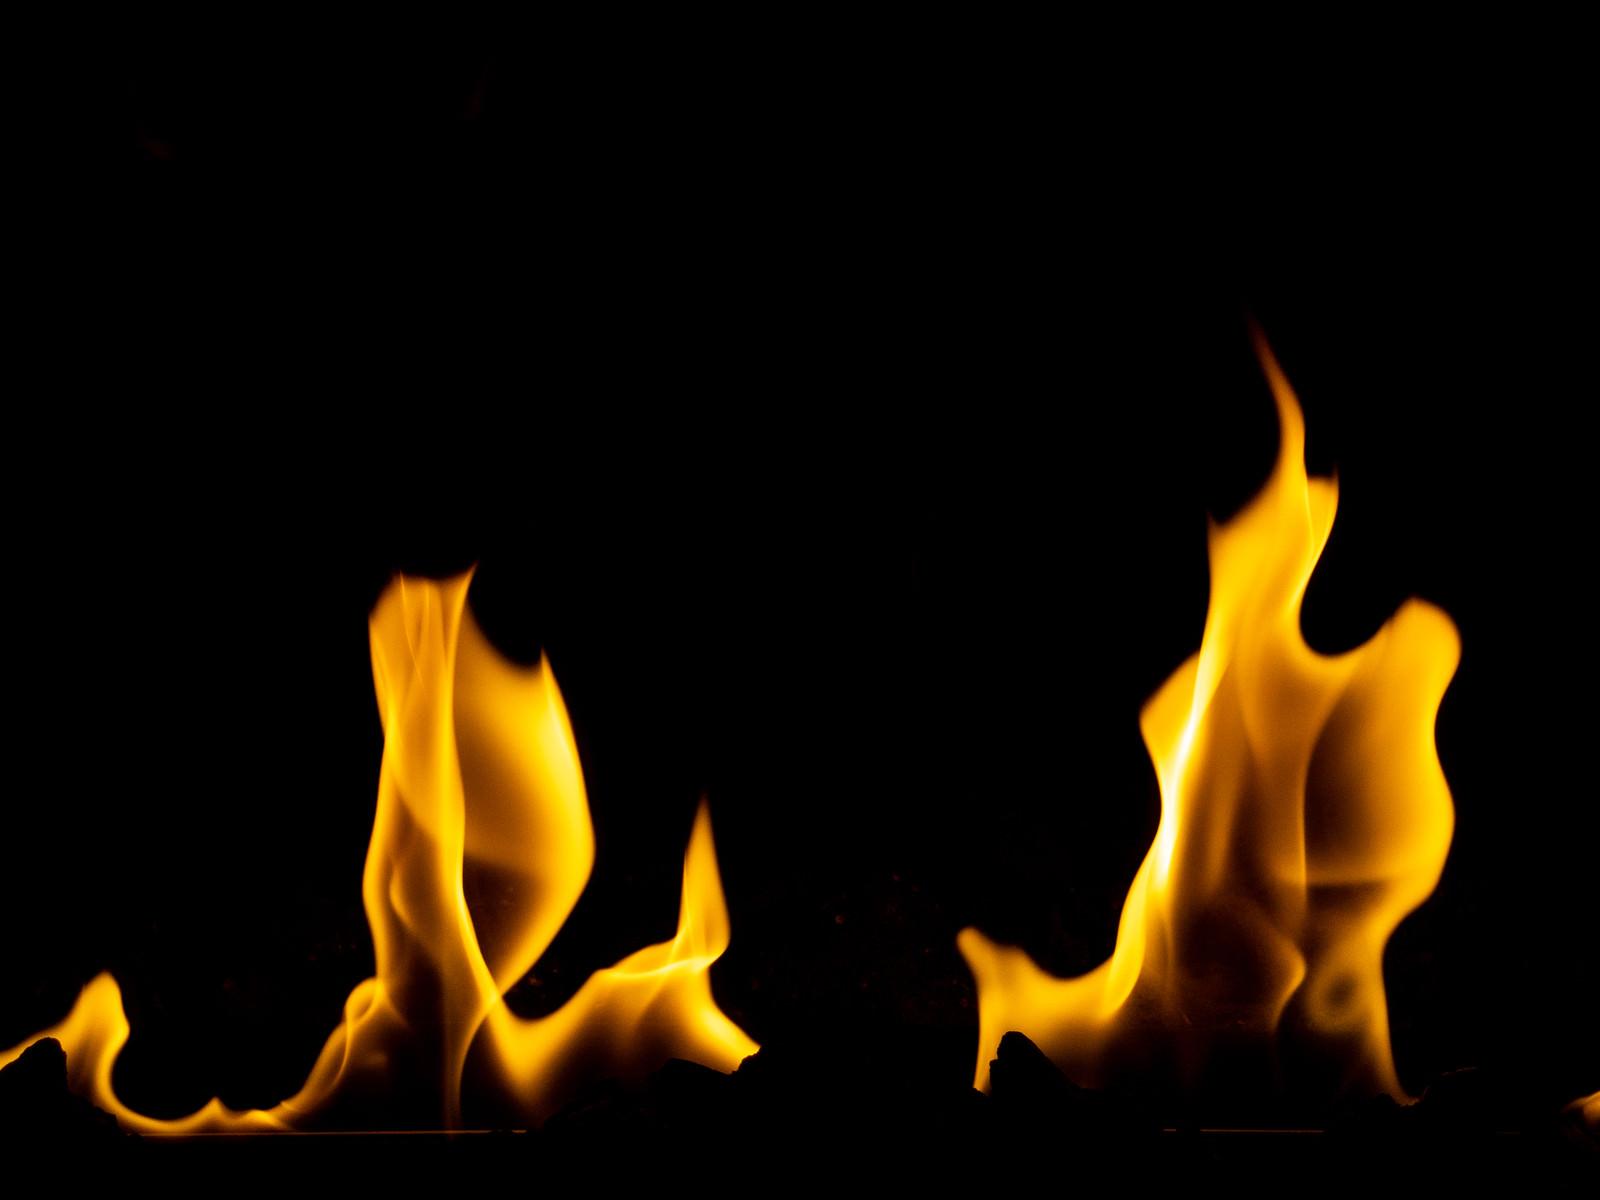 「炎の揺らぎ」の写真